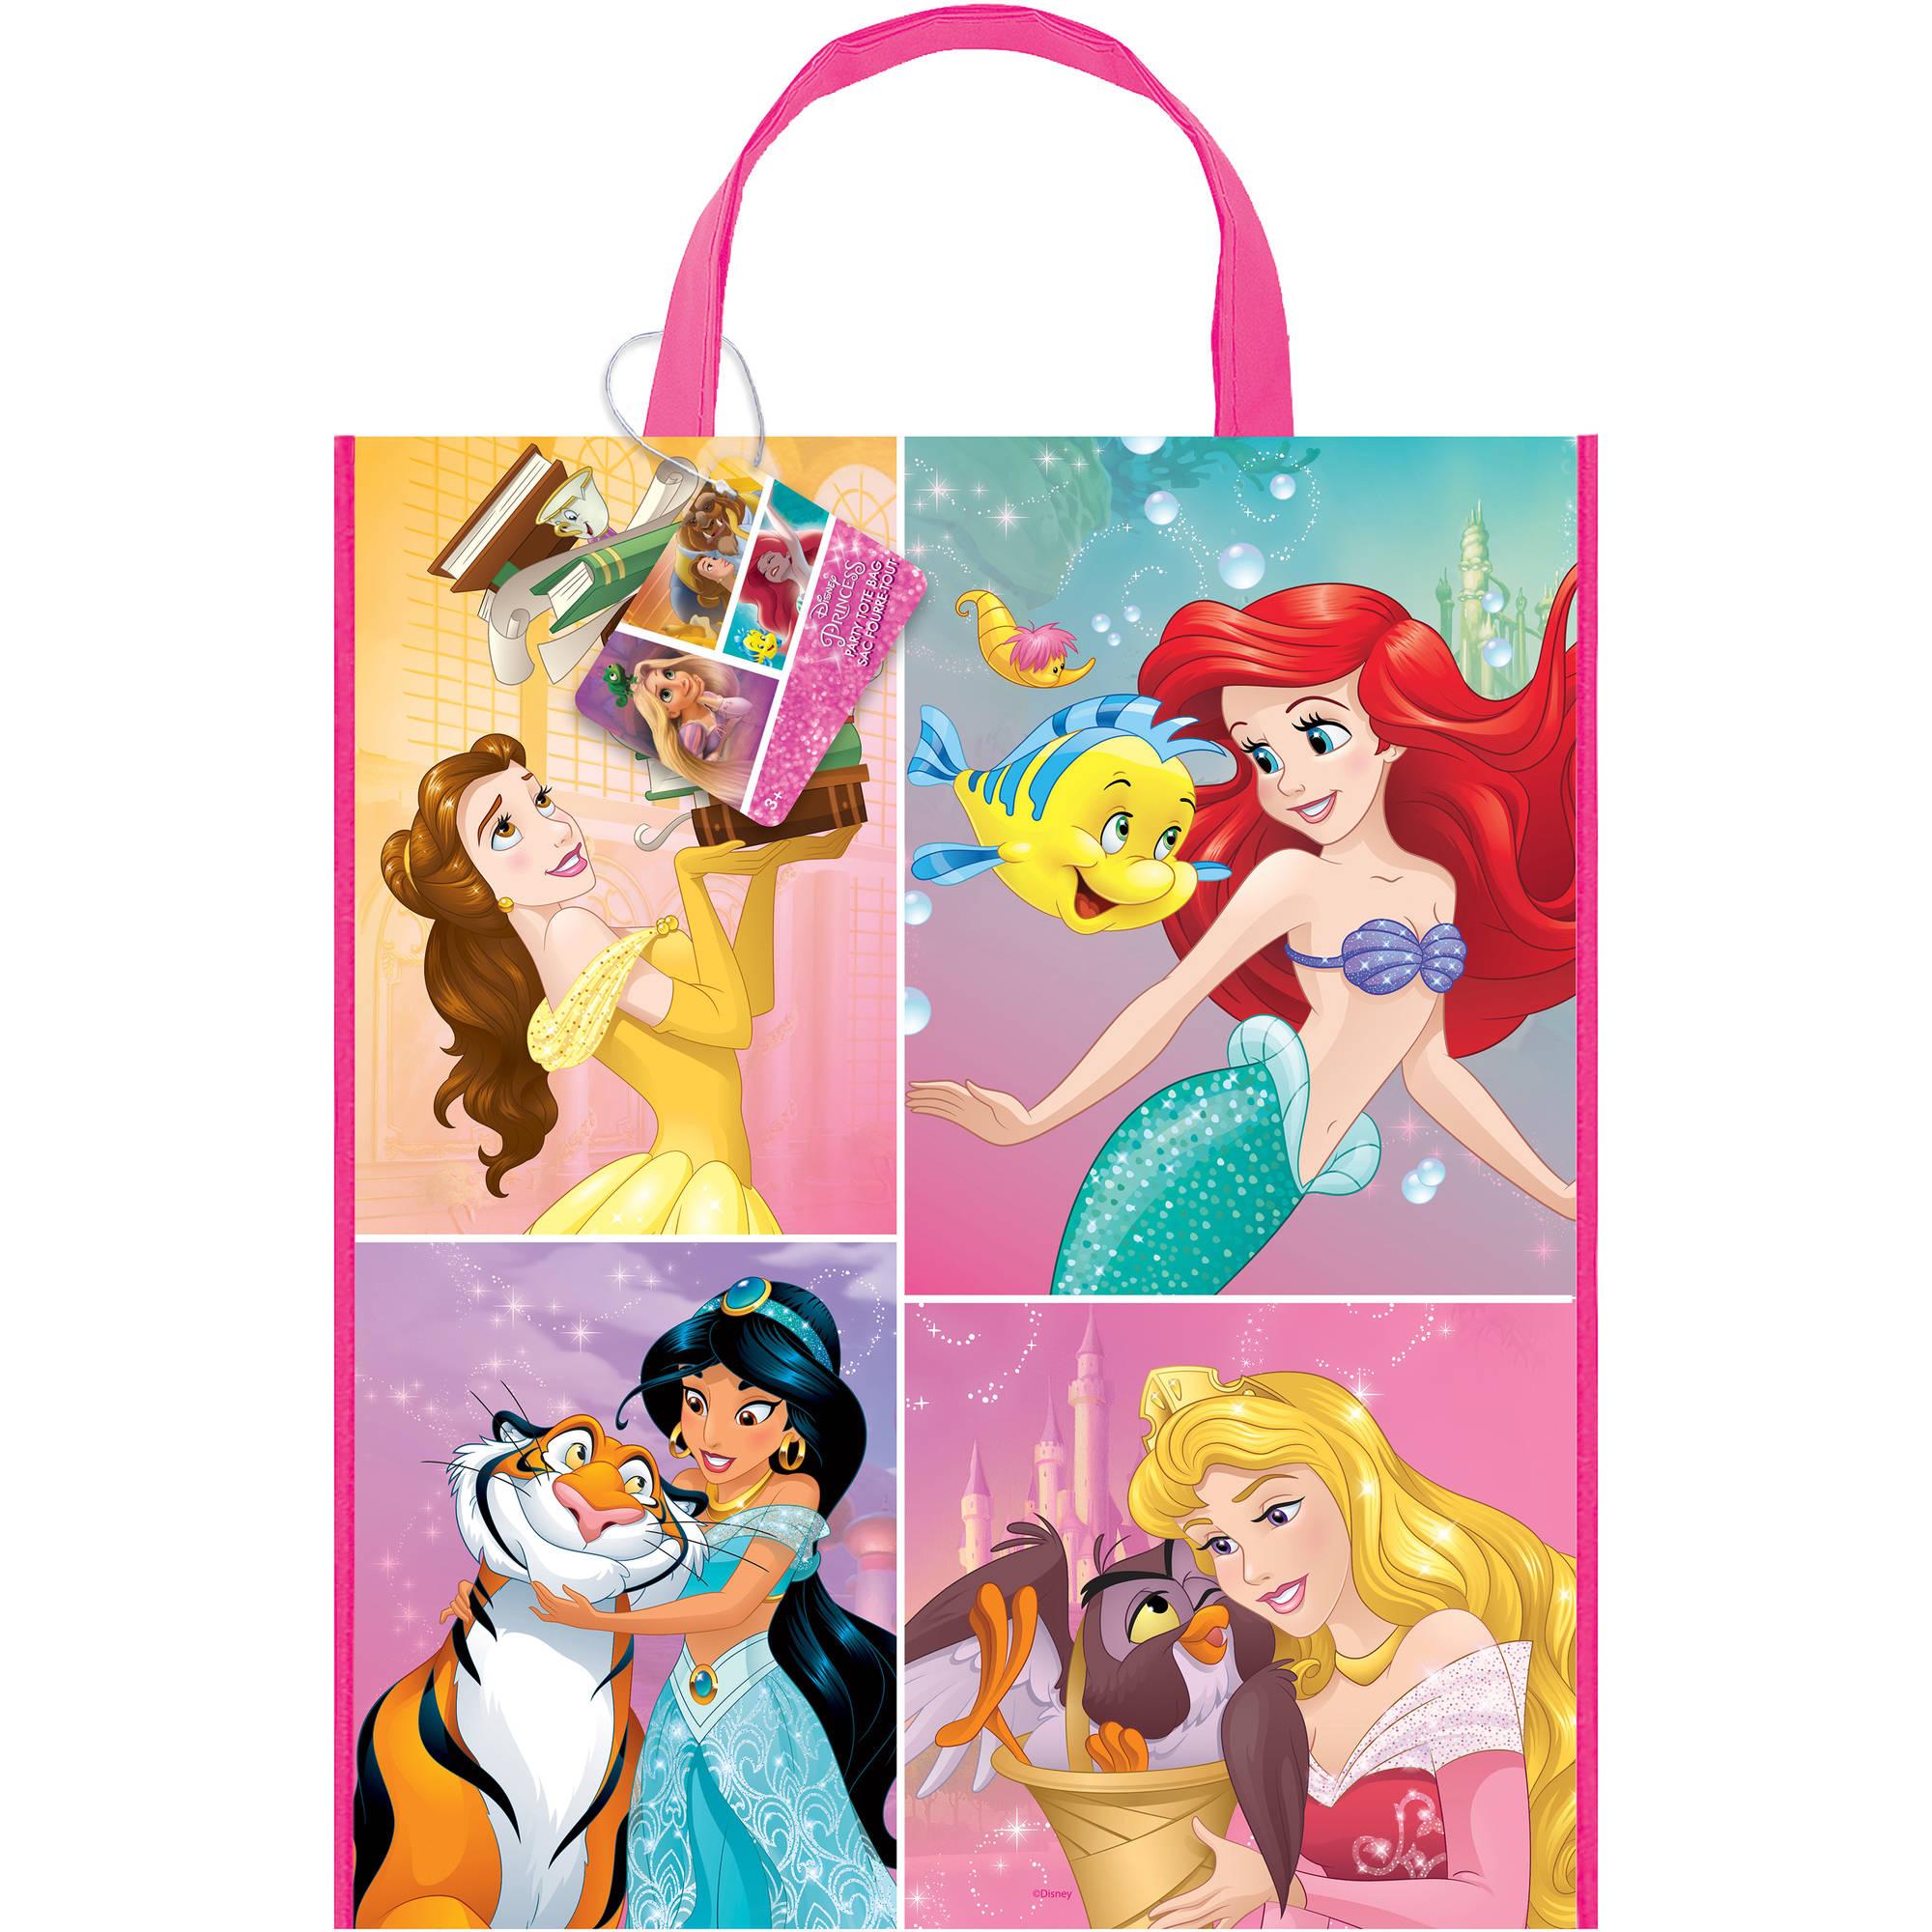 Large Plastic Disney Princess Goodie Bag, 13 x 11 in, 1ct